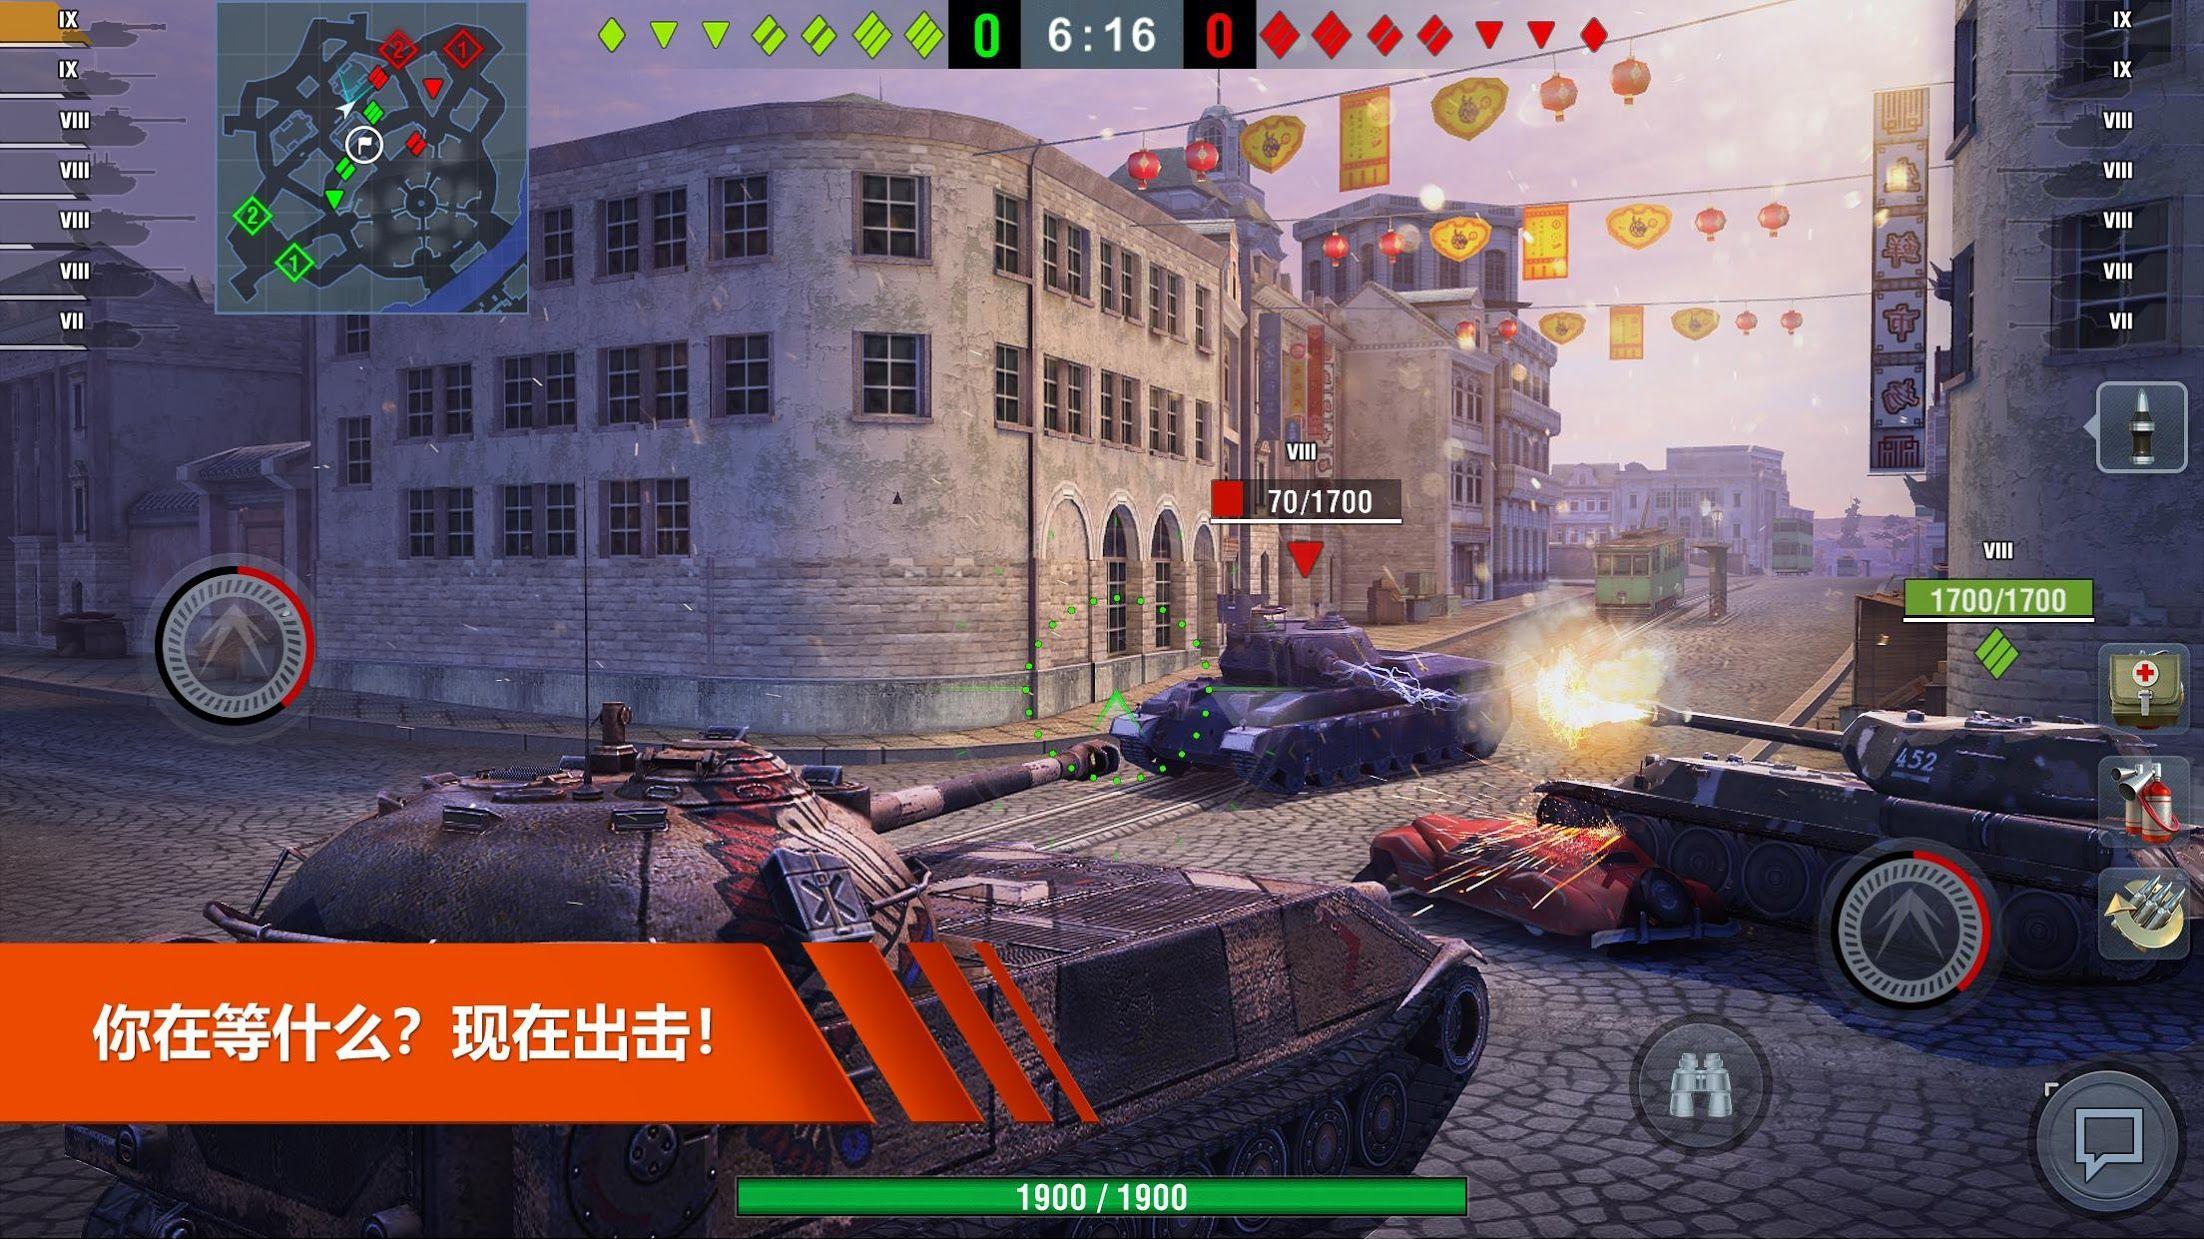 坦克世界闪电战 游戏截图4